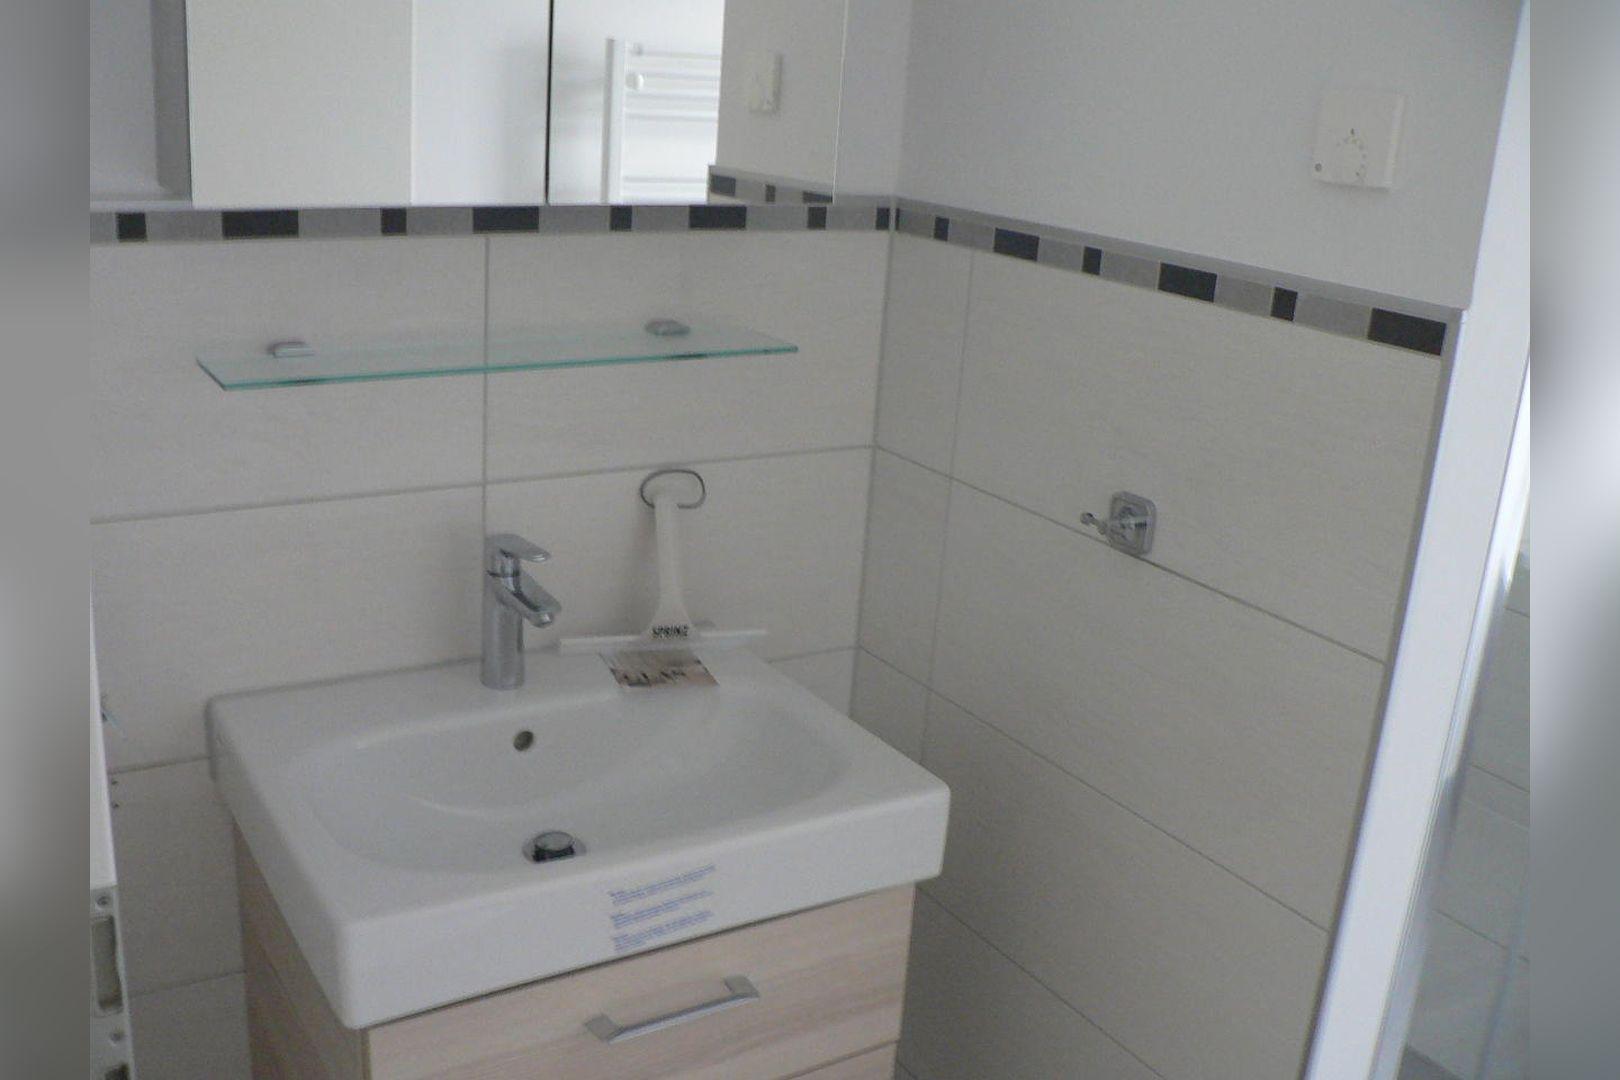 Immobilie Nr.BÖ-01.1 - BÖ-01.1; Maisonette Wohnung über EG und Sout., Garten u. Terrasse - Bild 5.jpg